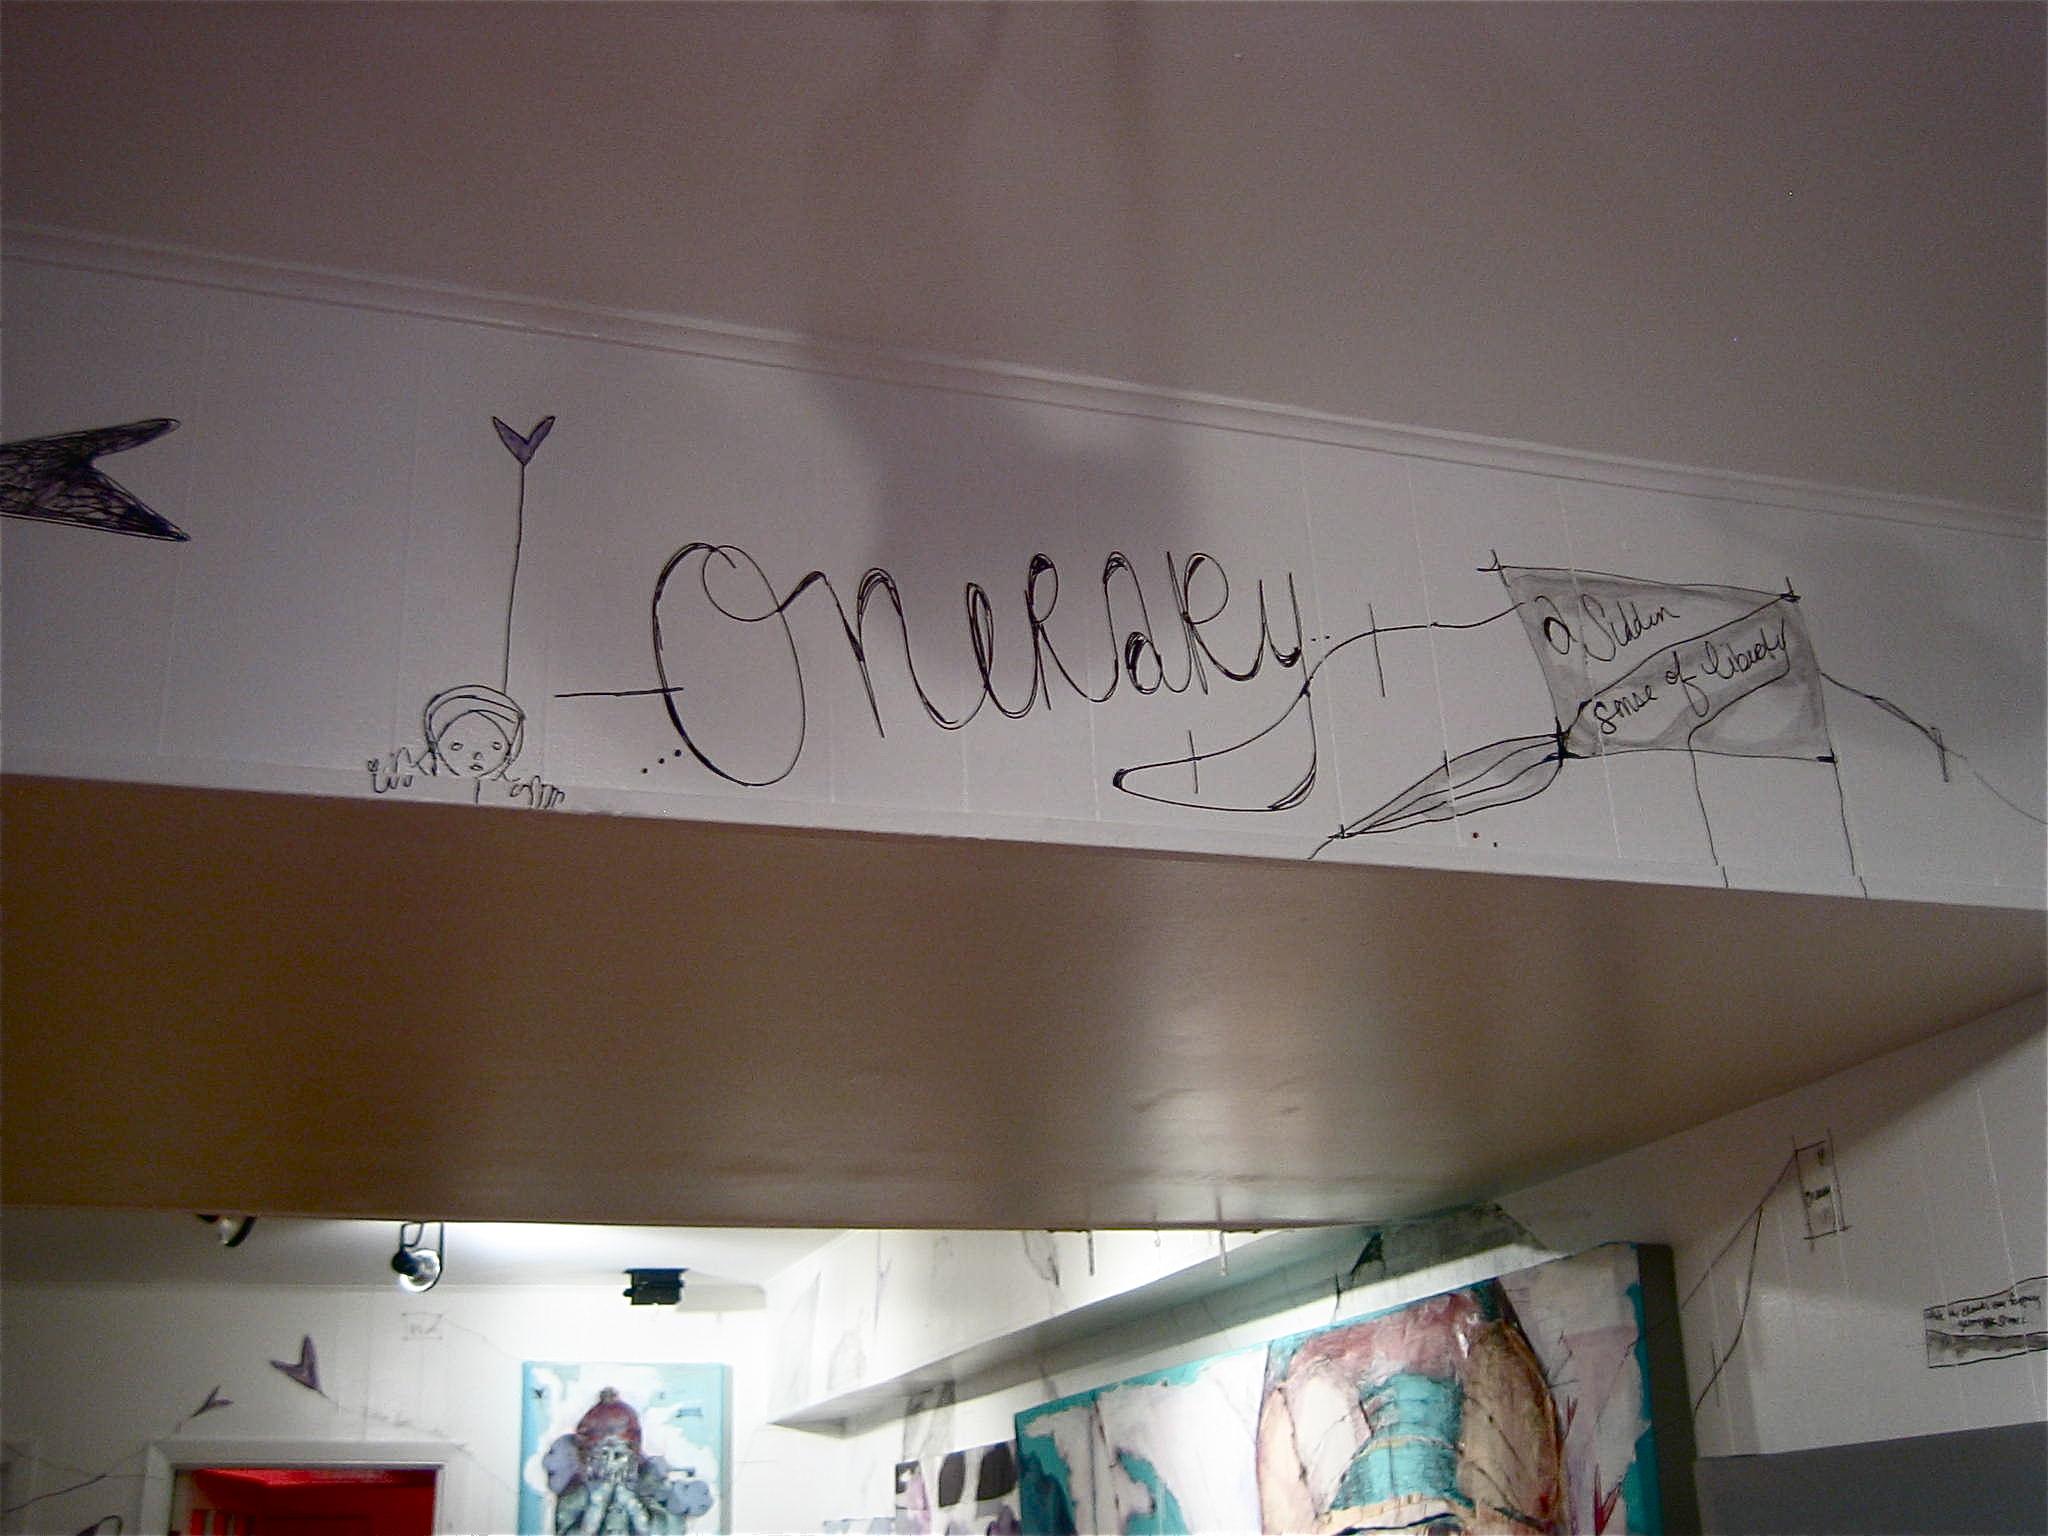 onerary